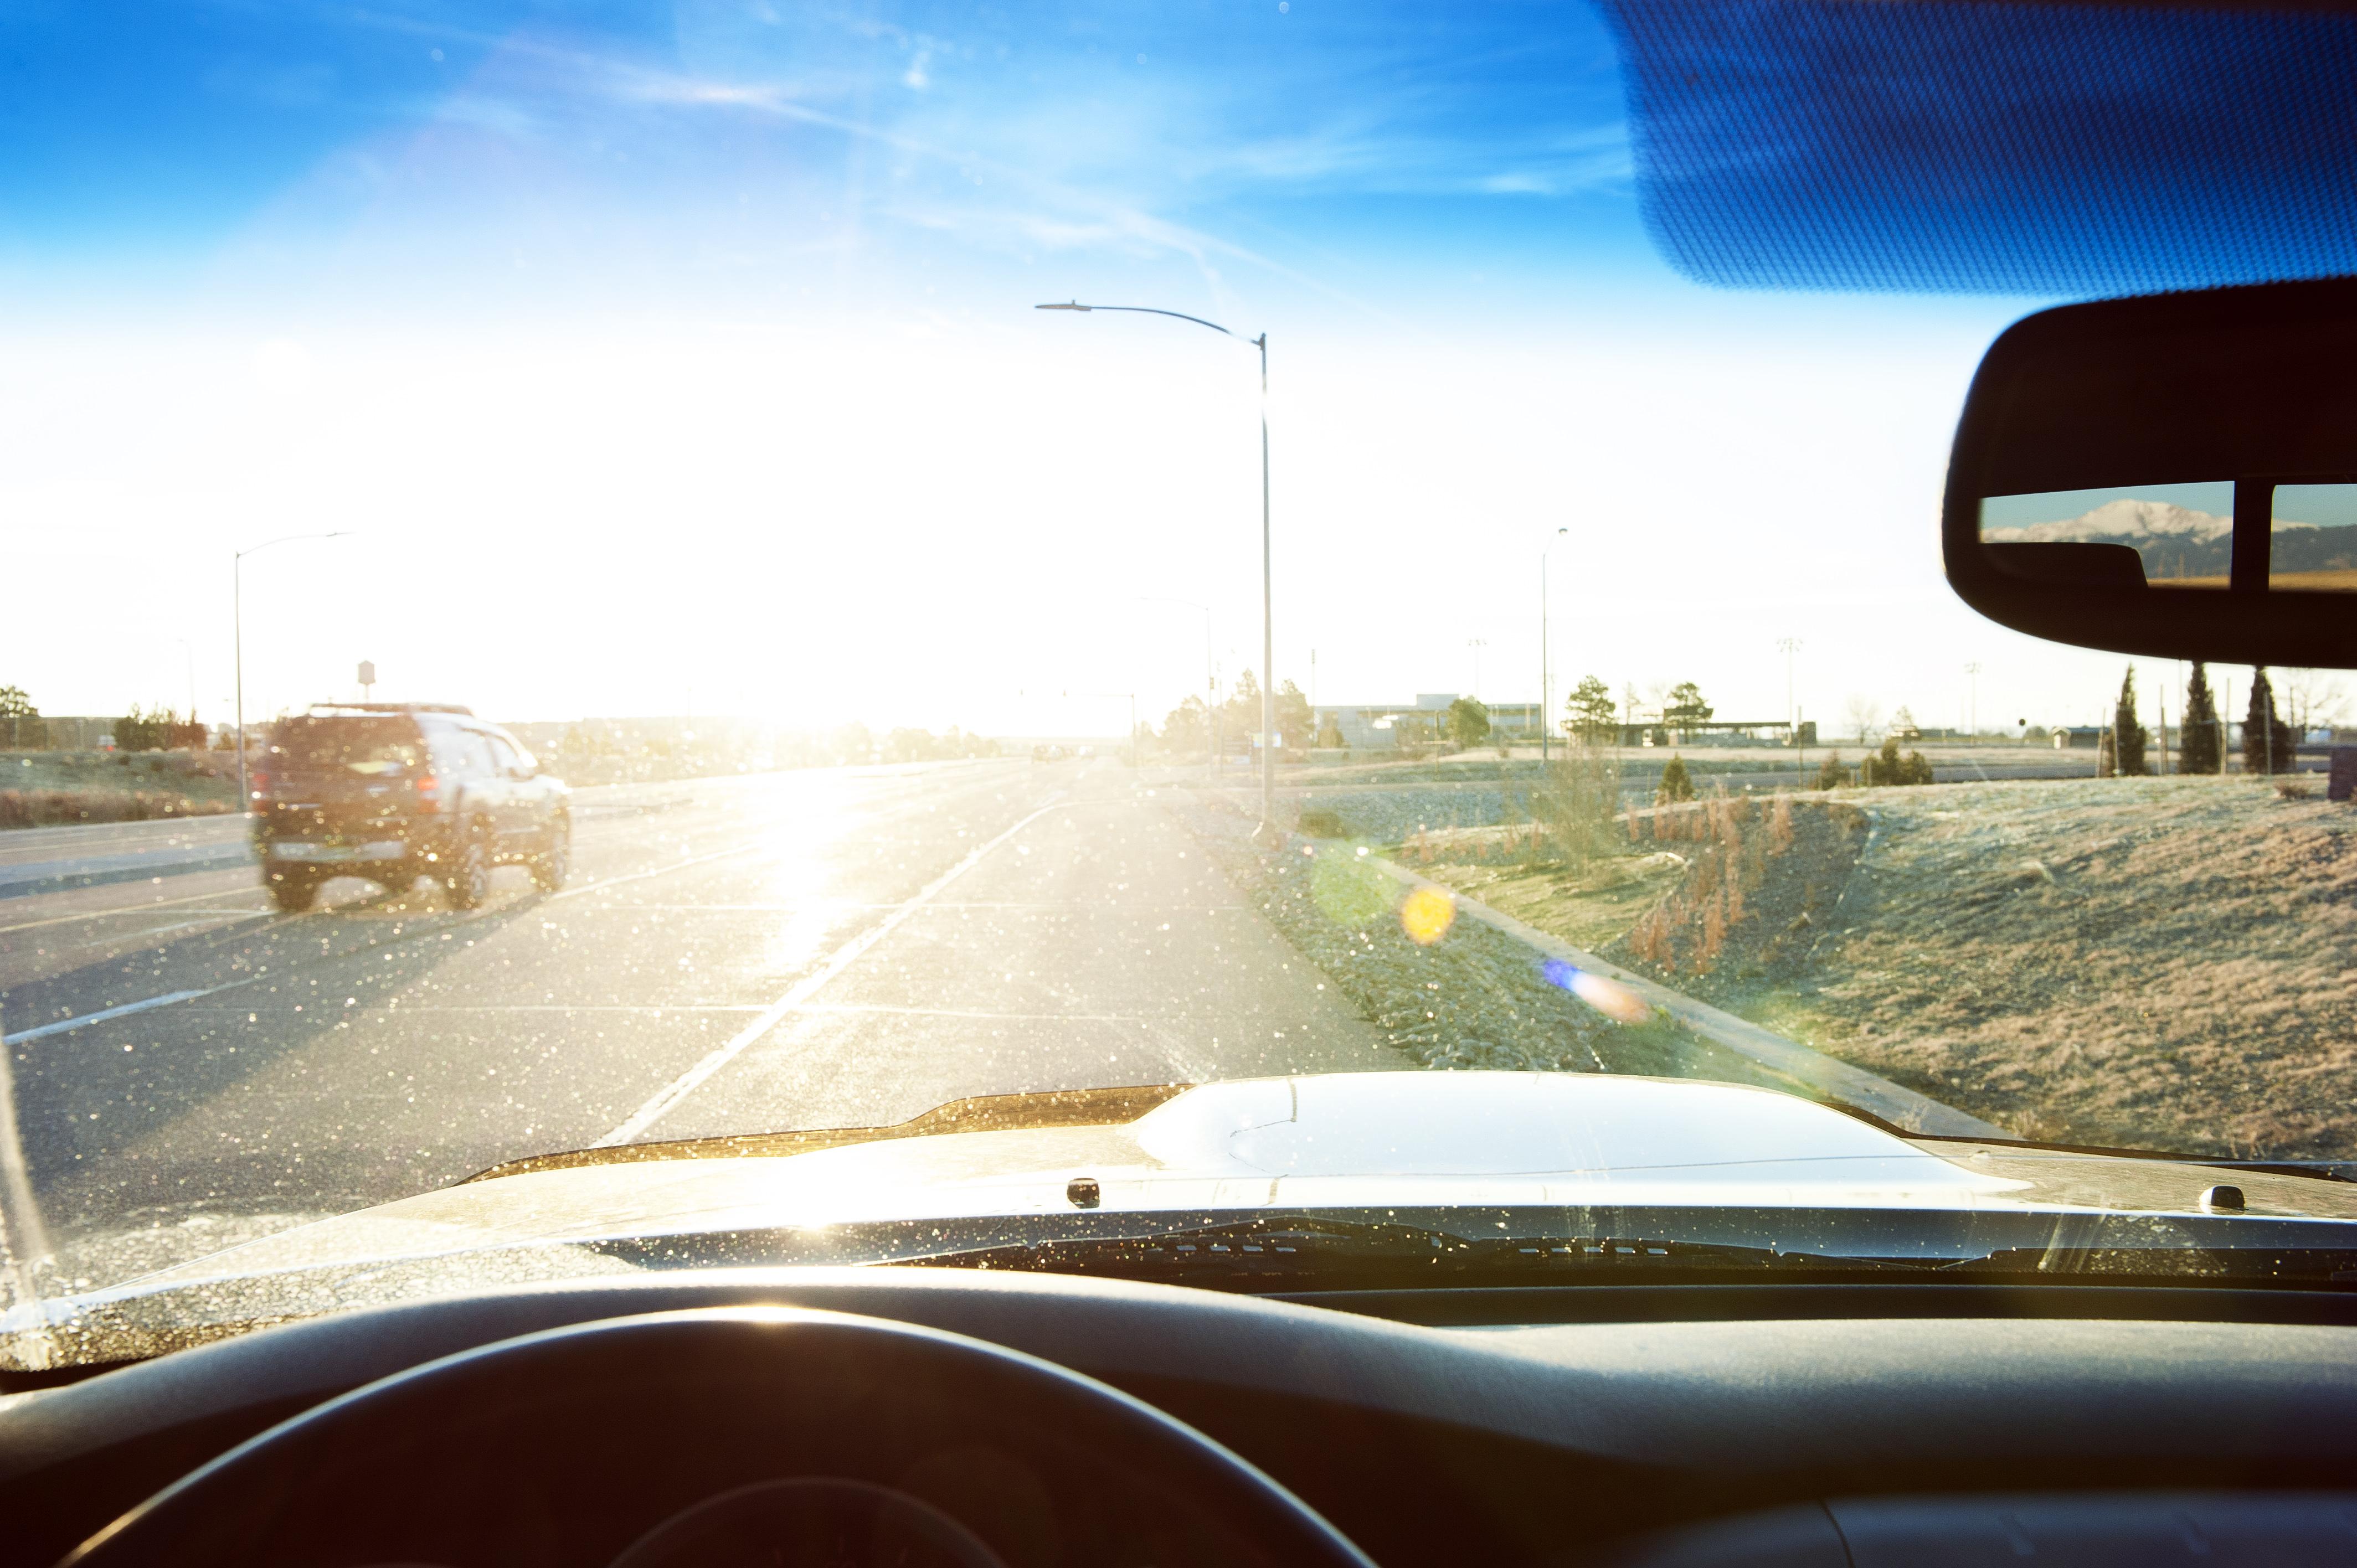 driving in sun glare